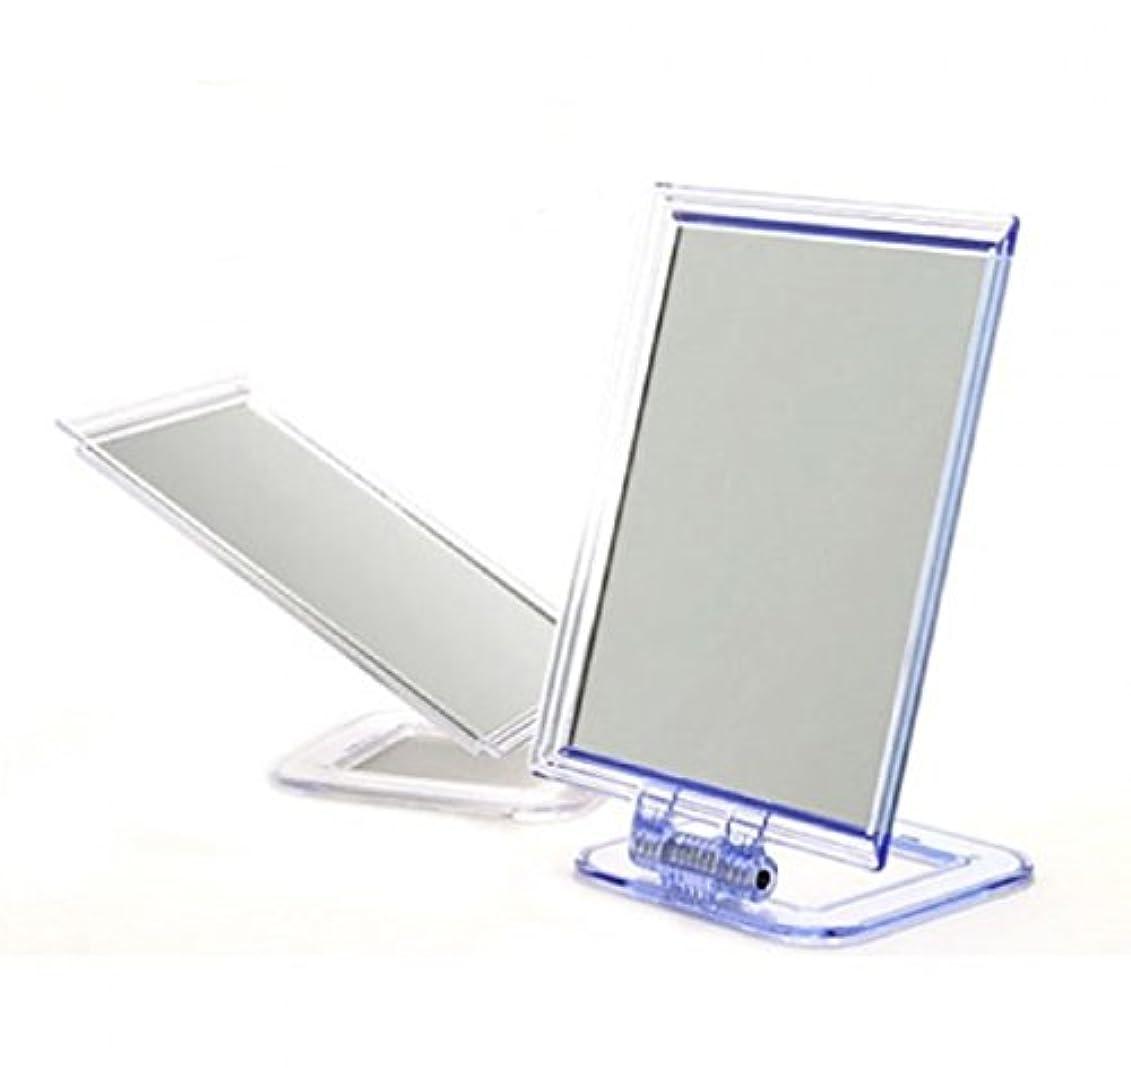 規制穴急行する卓上サイズ 置き鏡 スタンドミラー 化粧 必需品 シンプル 便利 パラデック 折りたたみ式 ミラー